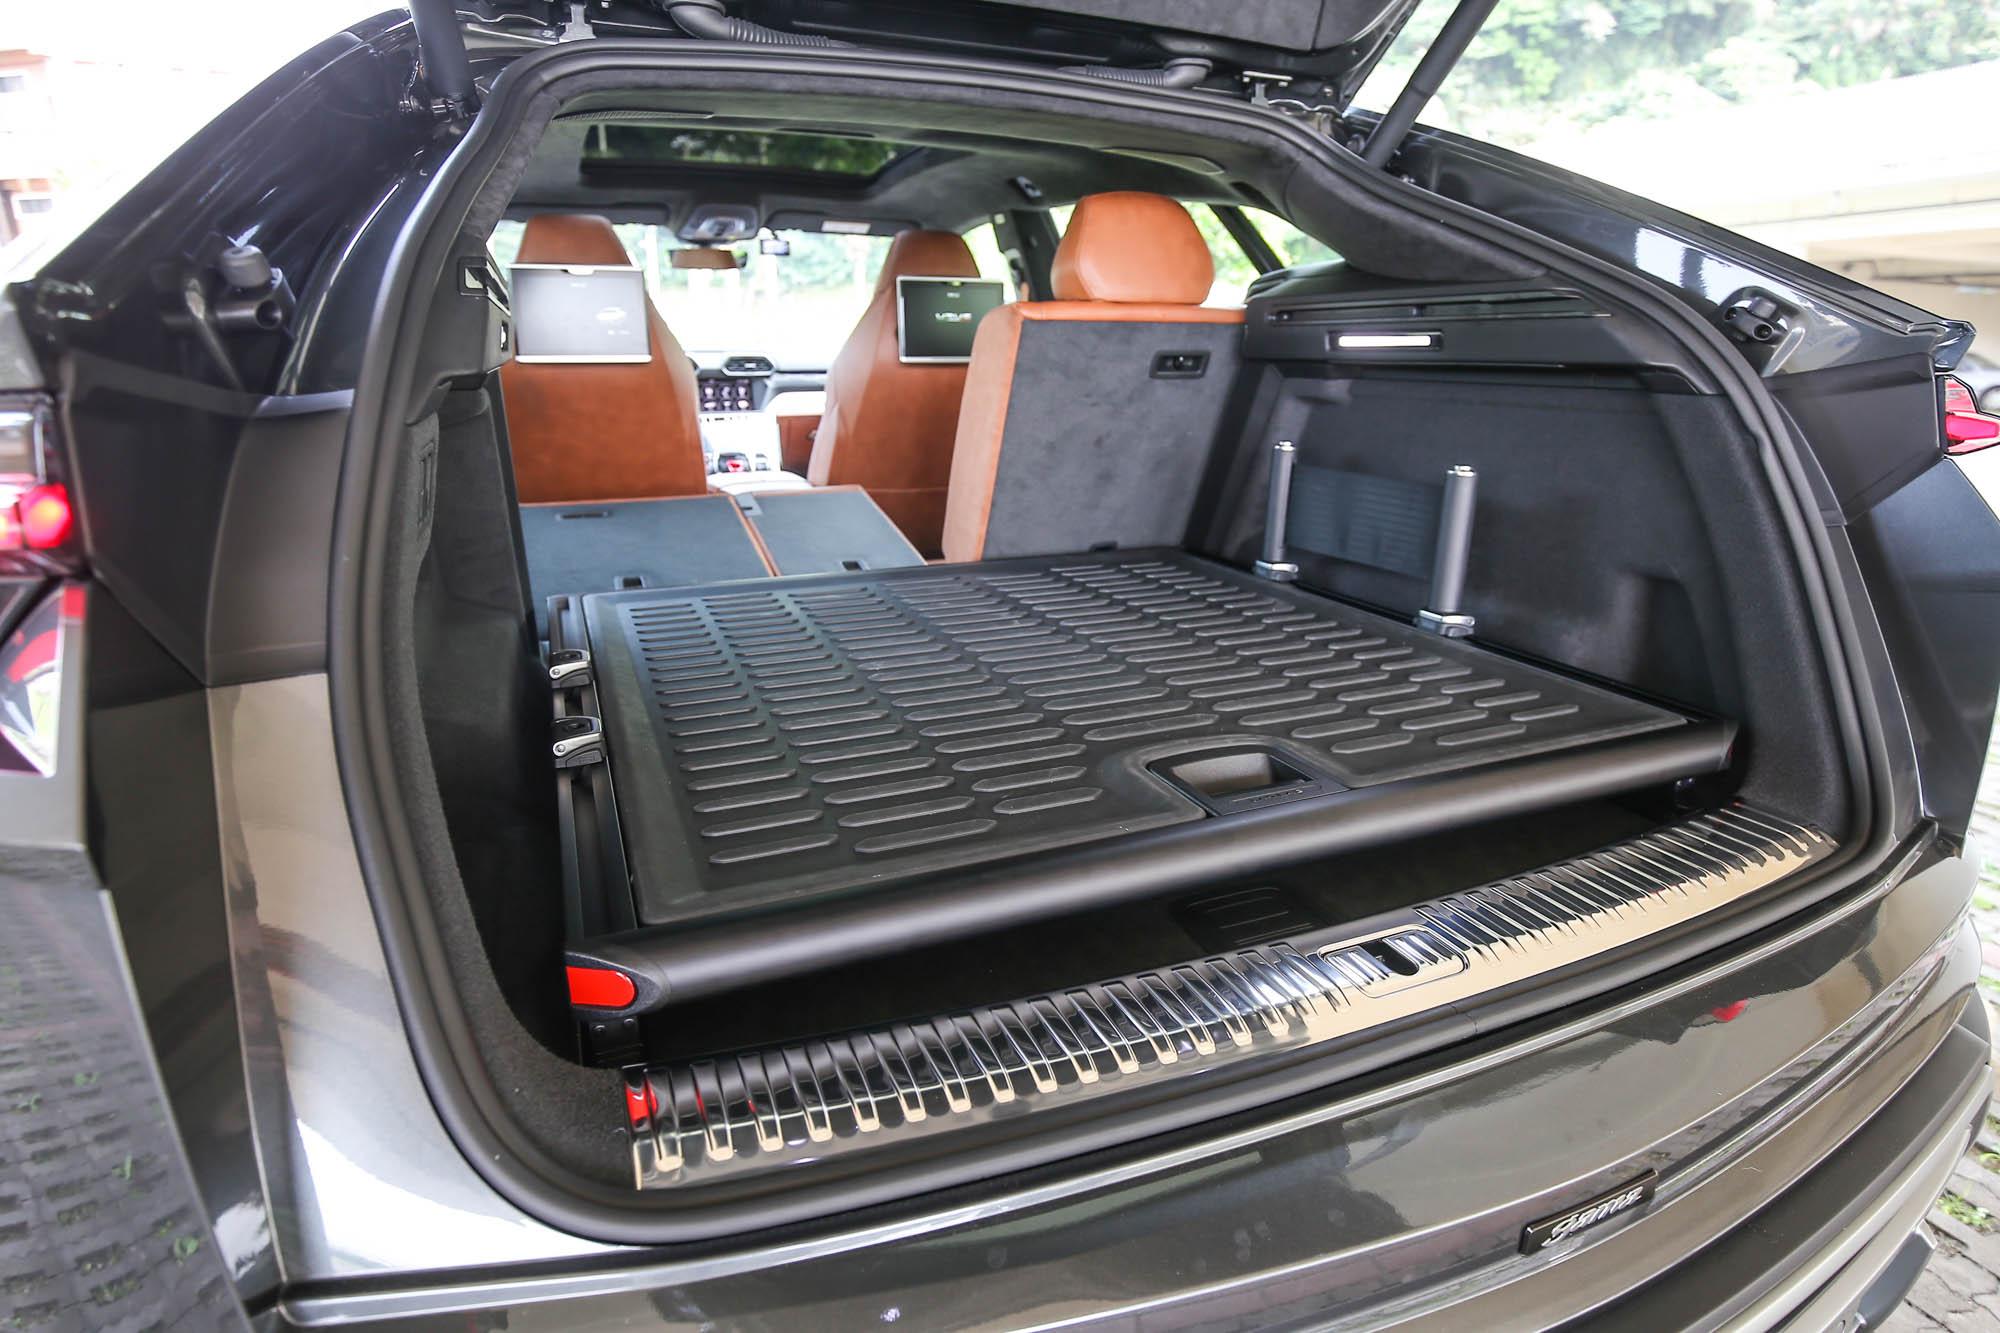 可放下三套高爾夫球具的後廂空間,還選配硬式拖盤套件,更添裝載物品的便利性。